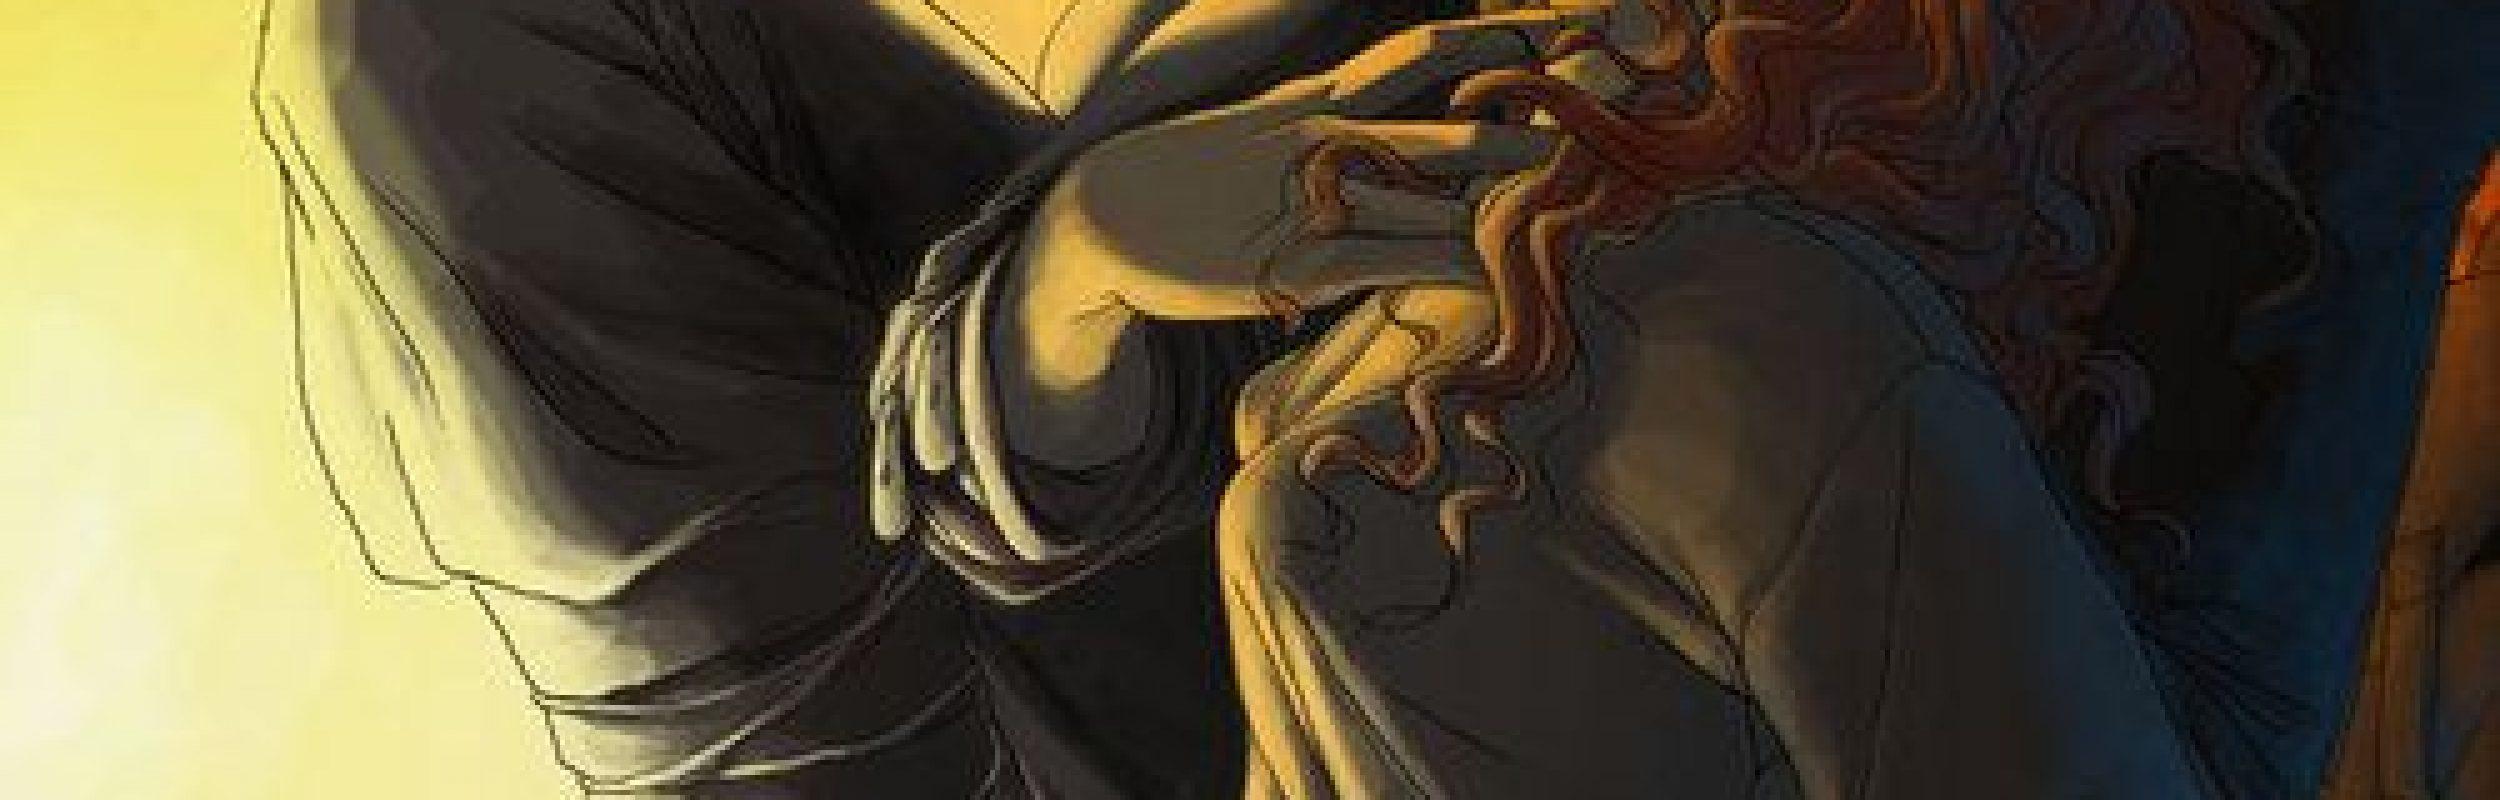 """La unión de llamas gemelas para traer """"avatares"""" al planeta"""